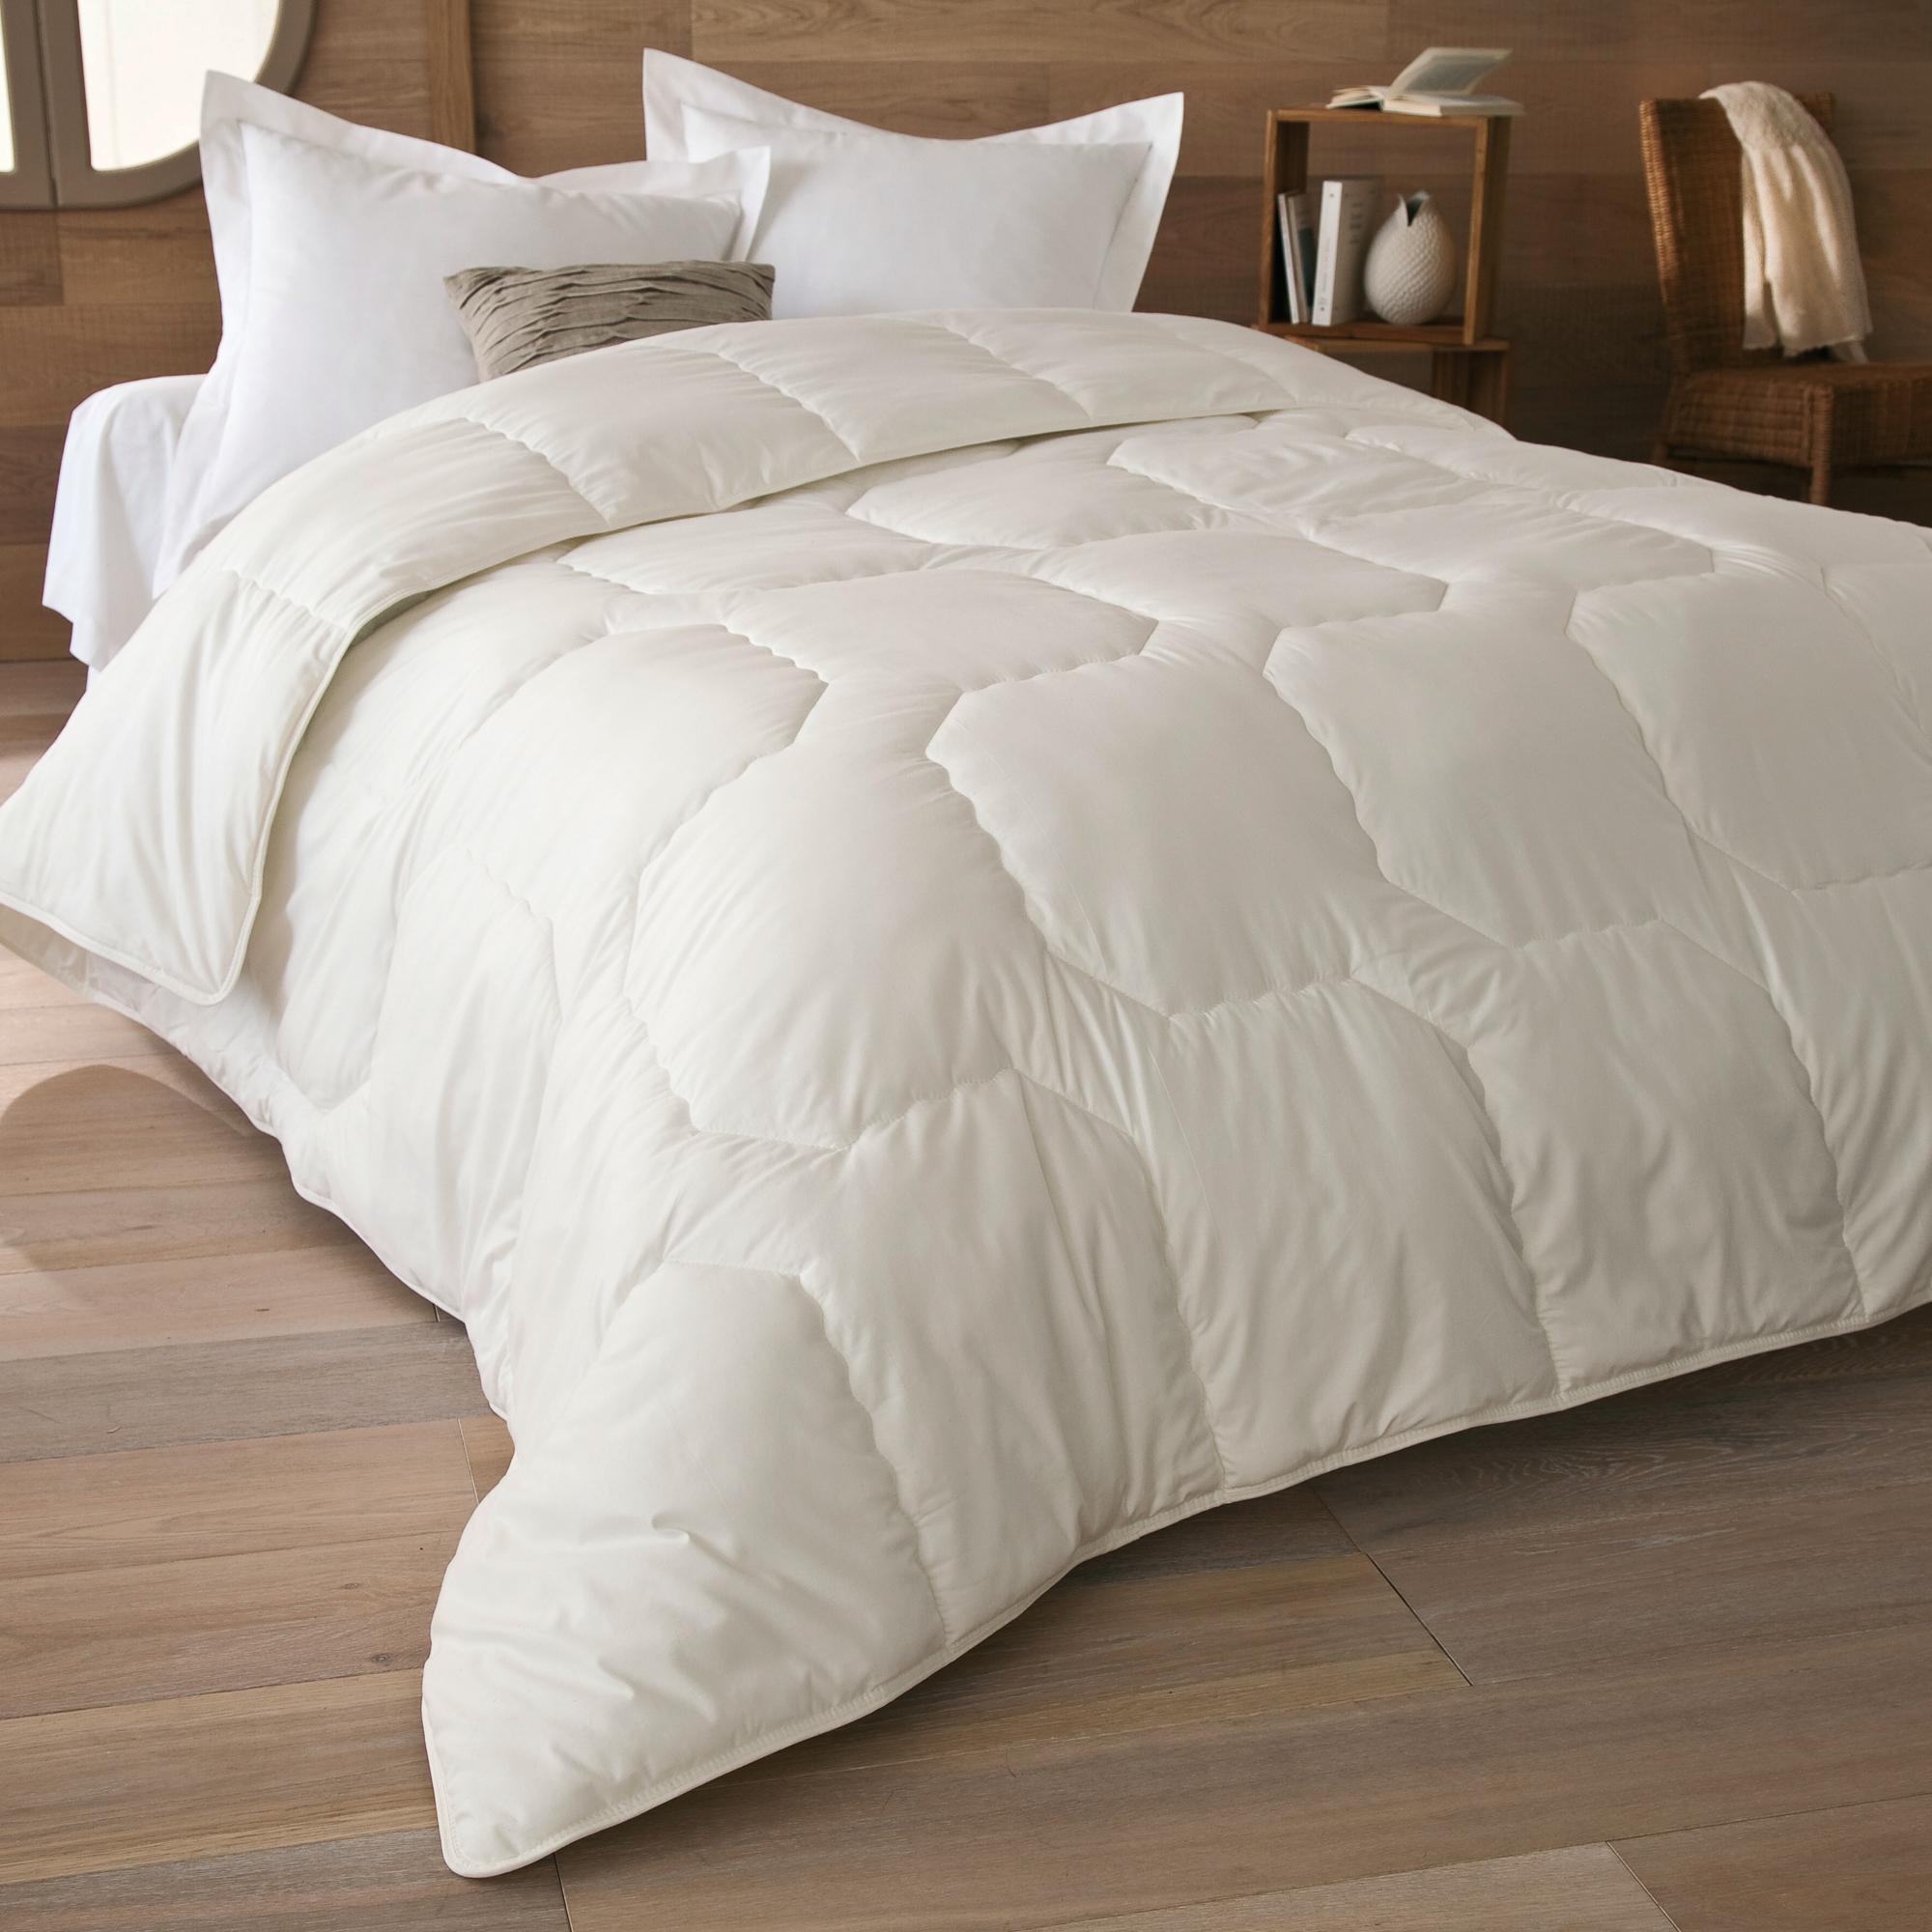 couette coton bio 300 g m2 260 x 240 cm anniversaire 40 ans acheter ce produit au meilleur. Black Bedroom Furniture Sets. Home Design Ideas